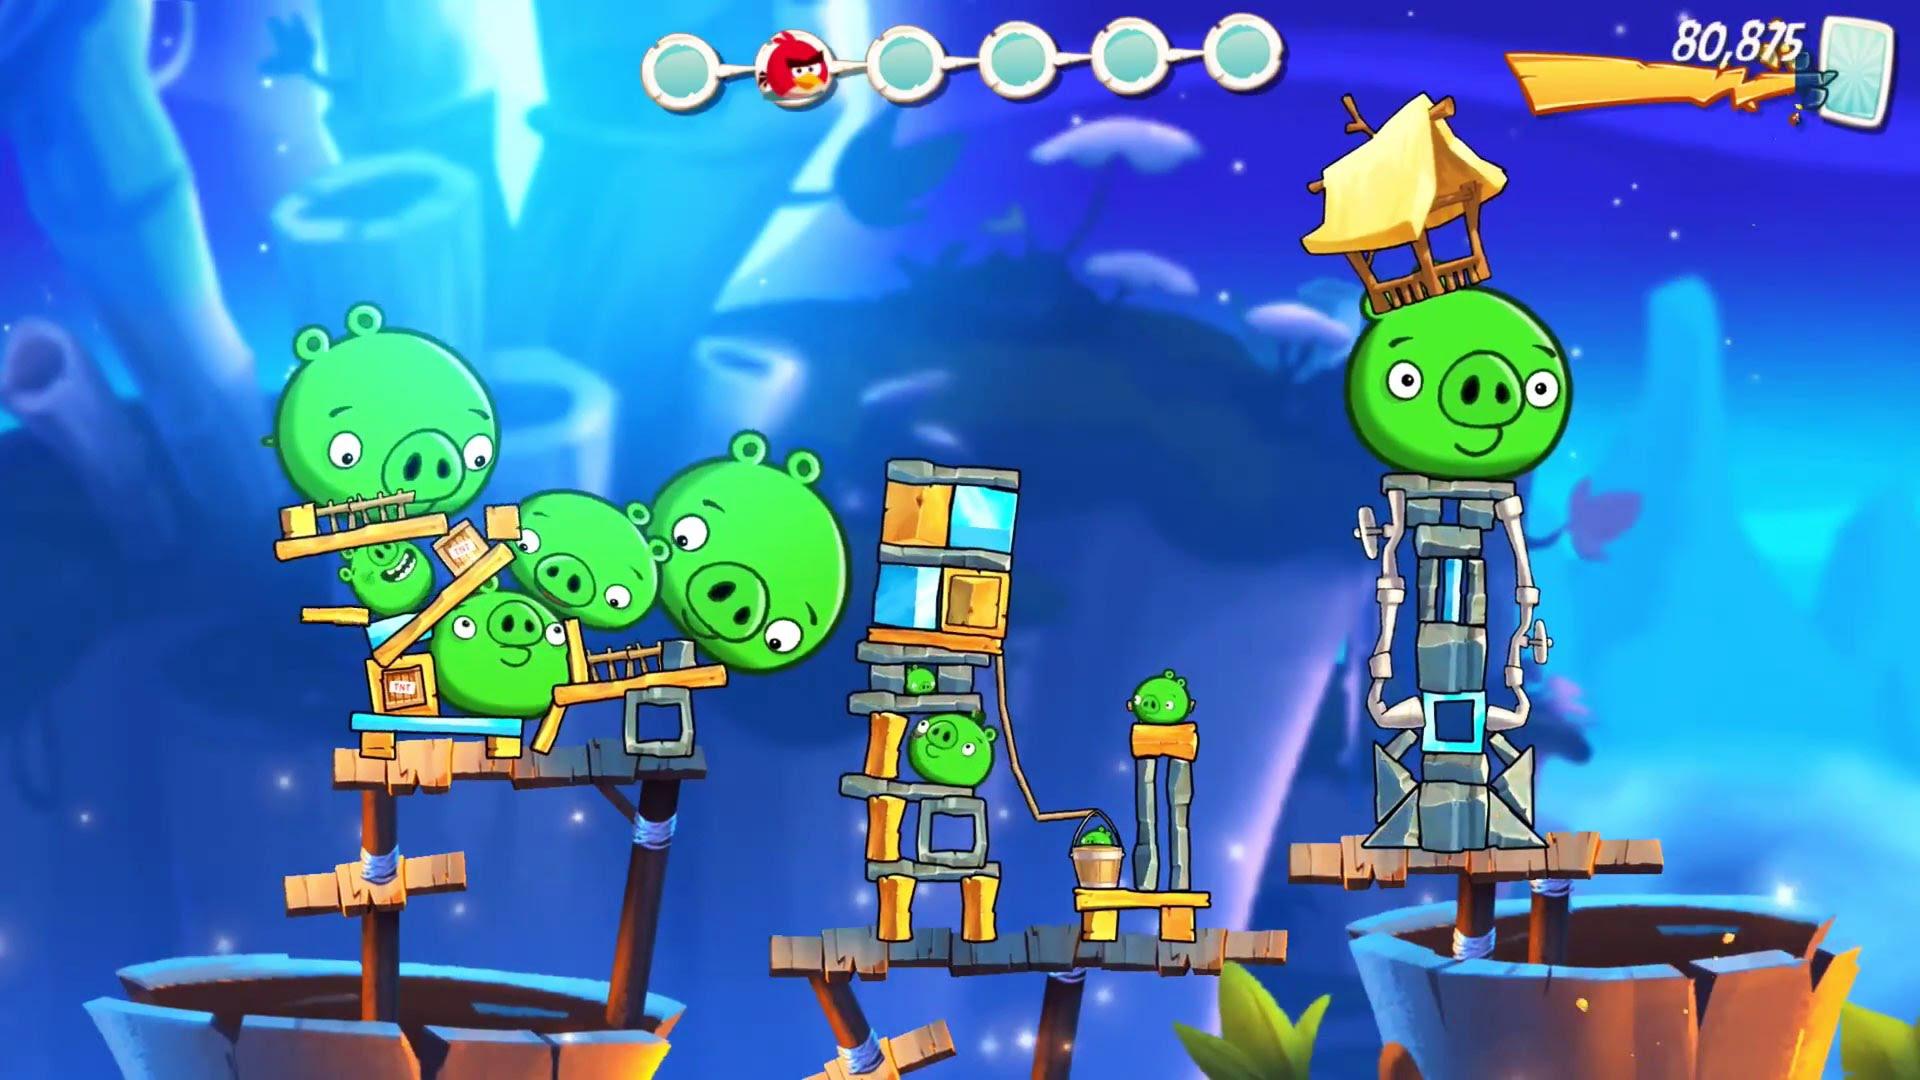 Скачать Angry Birds 2 на Андроид - игры для Android 1 5